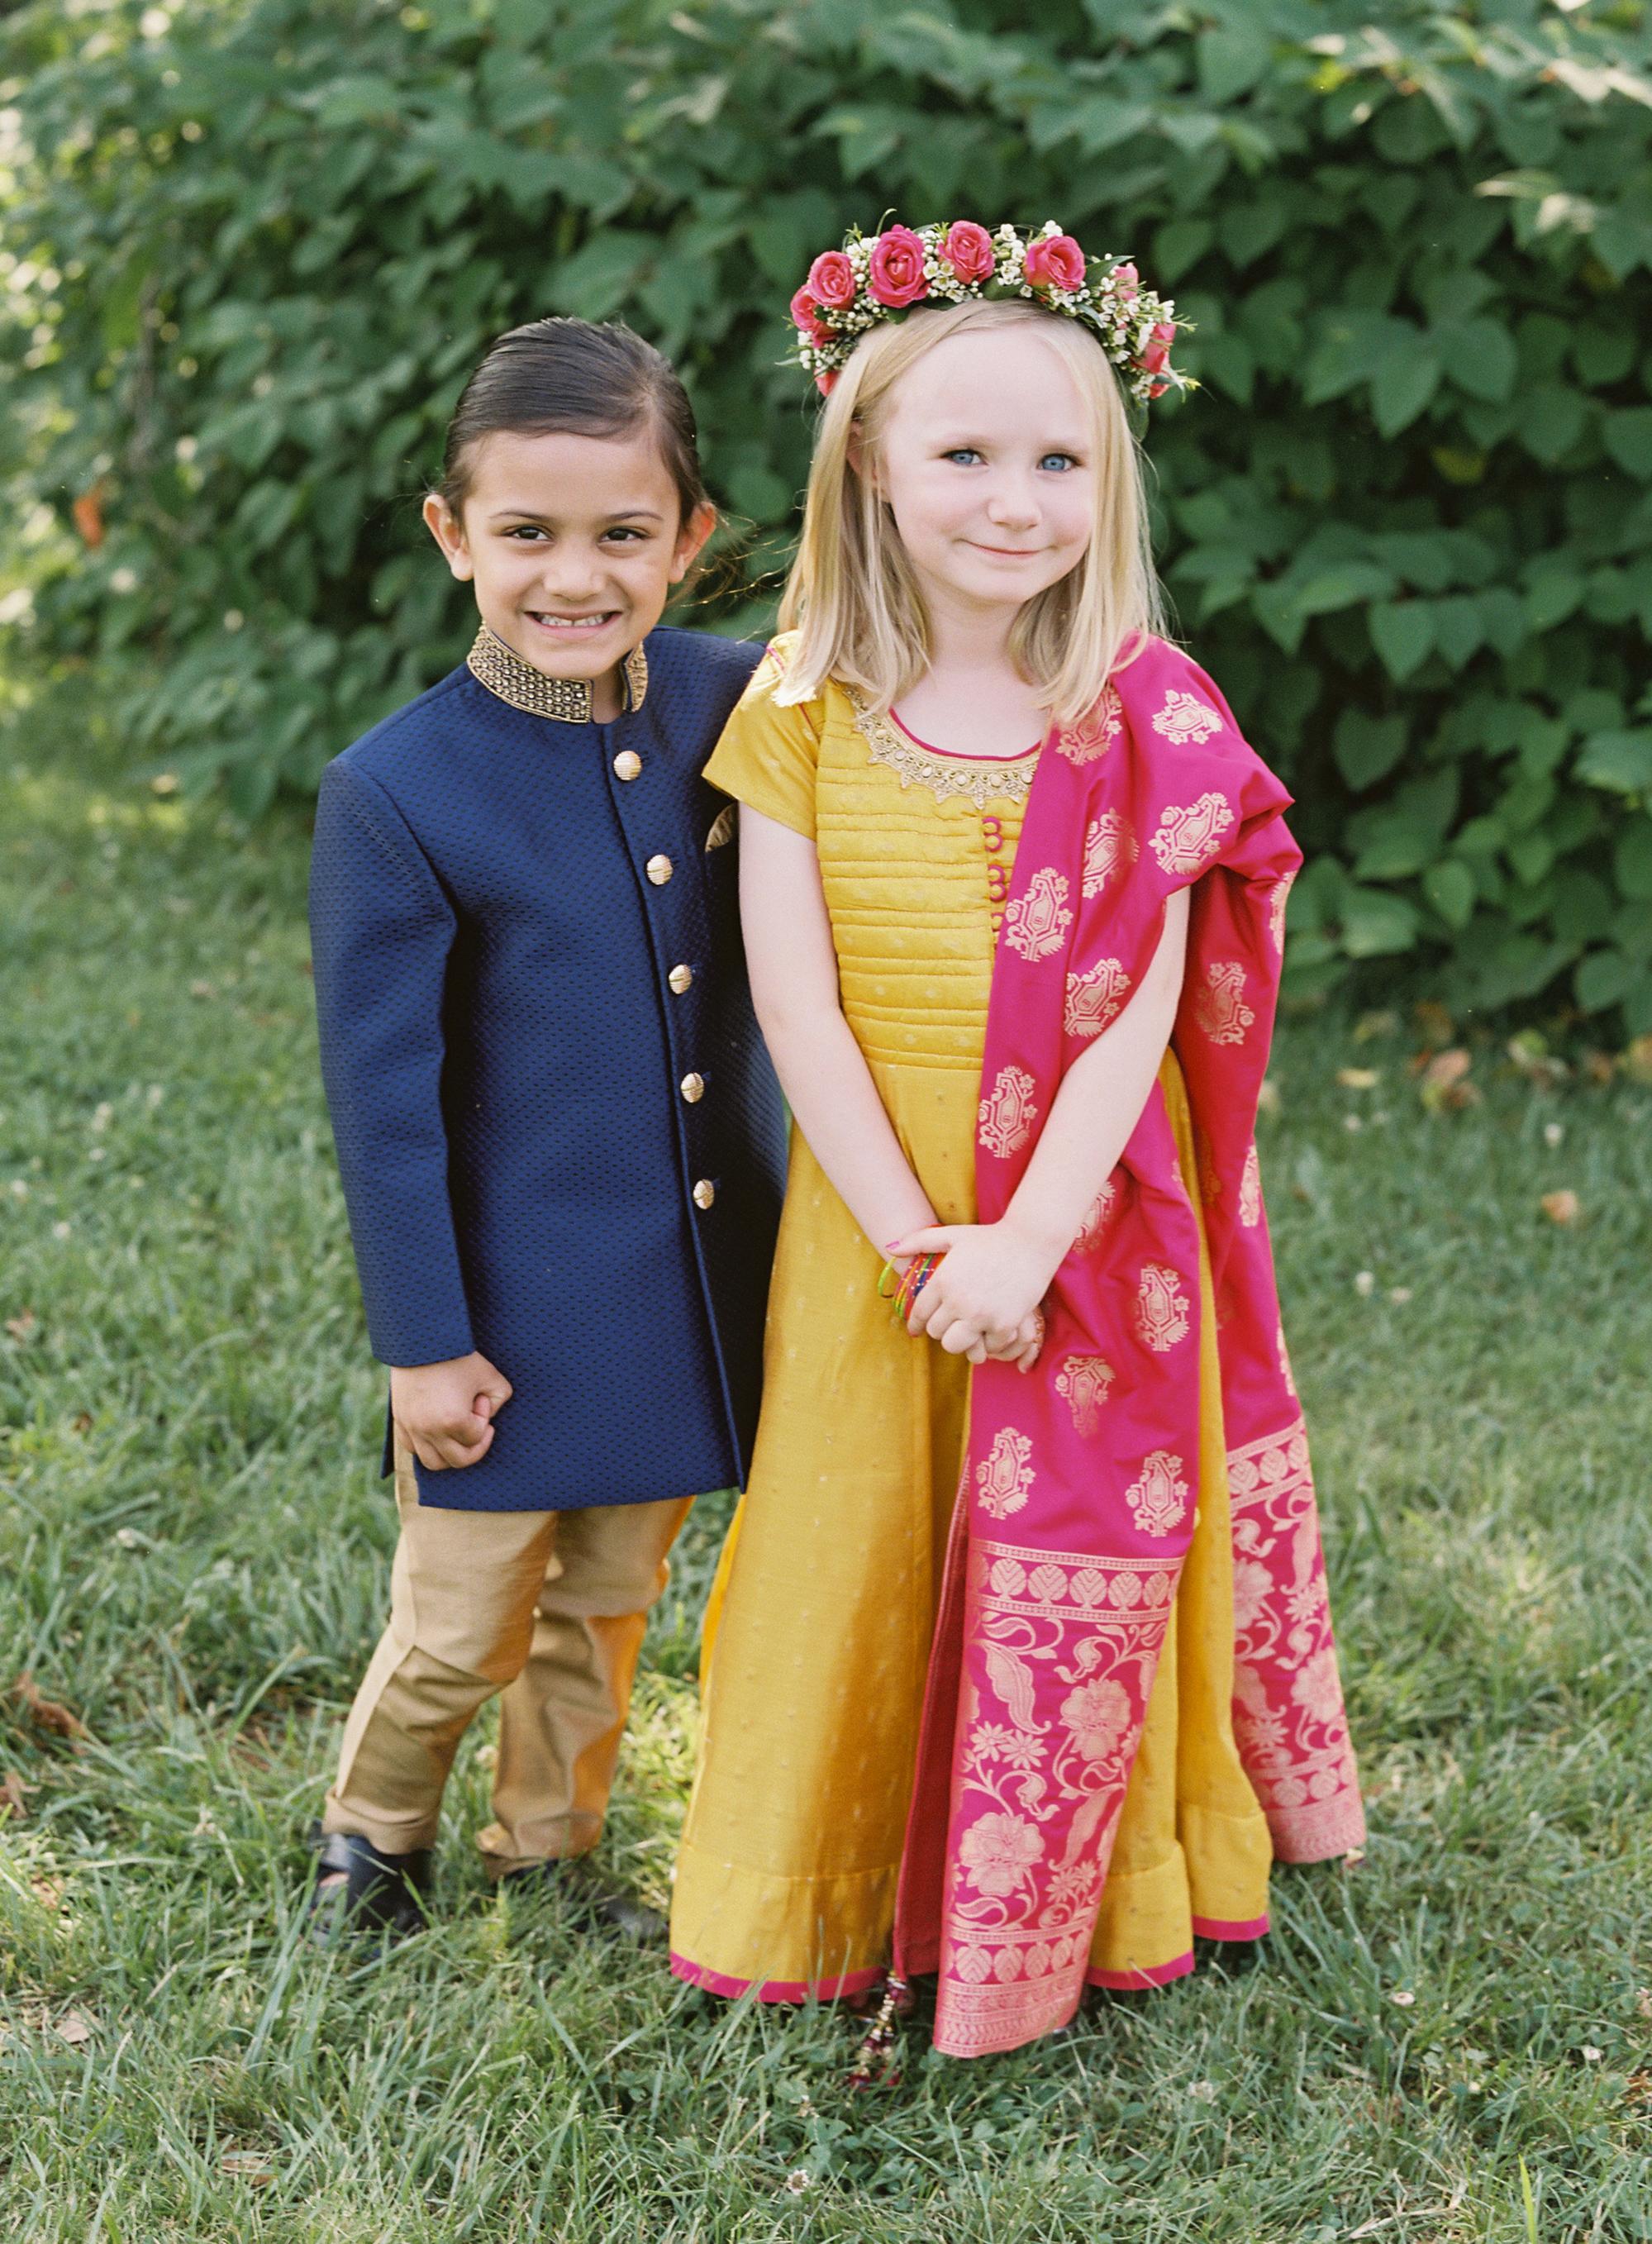 ronita ryan wedding ring bearer and flower girl